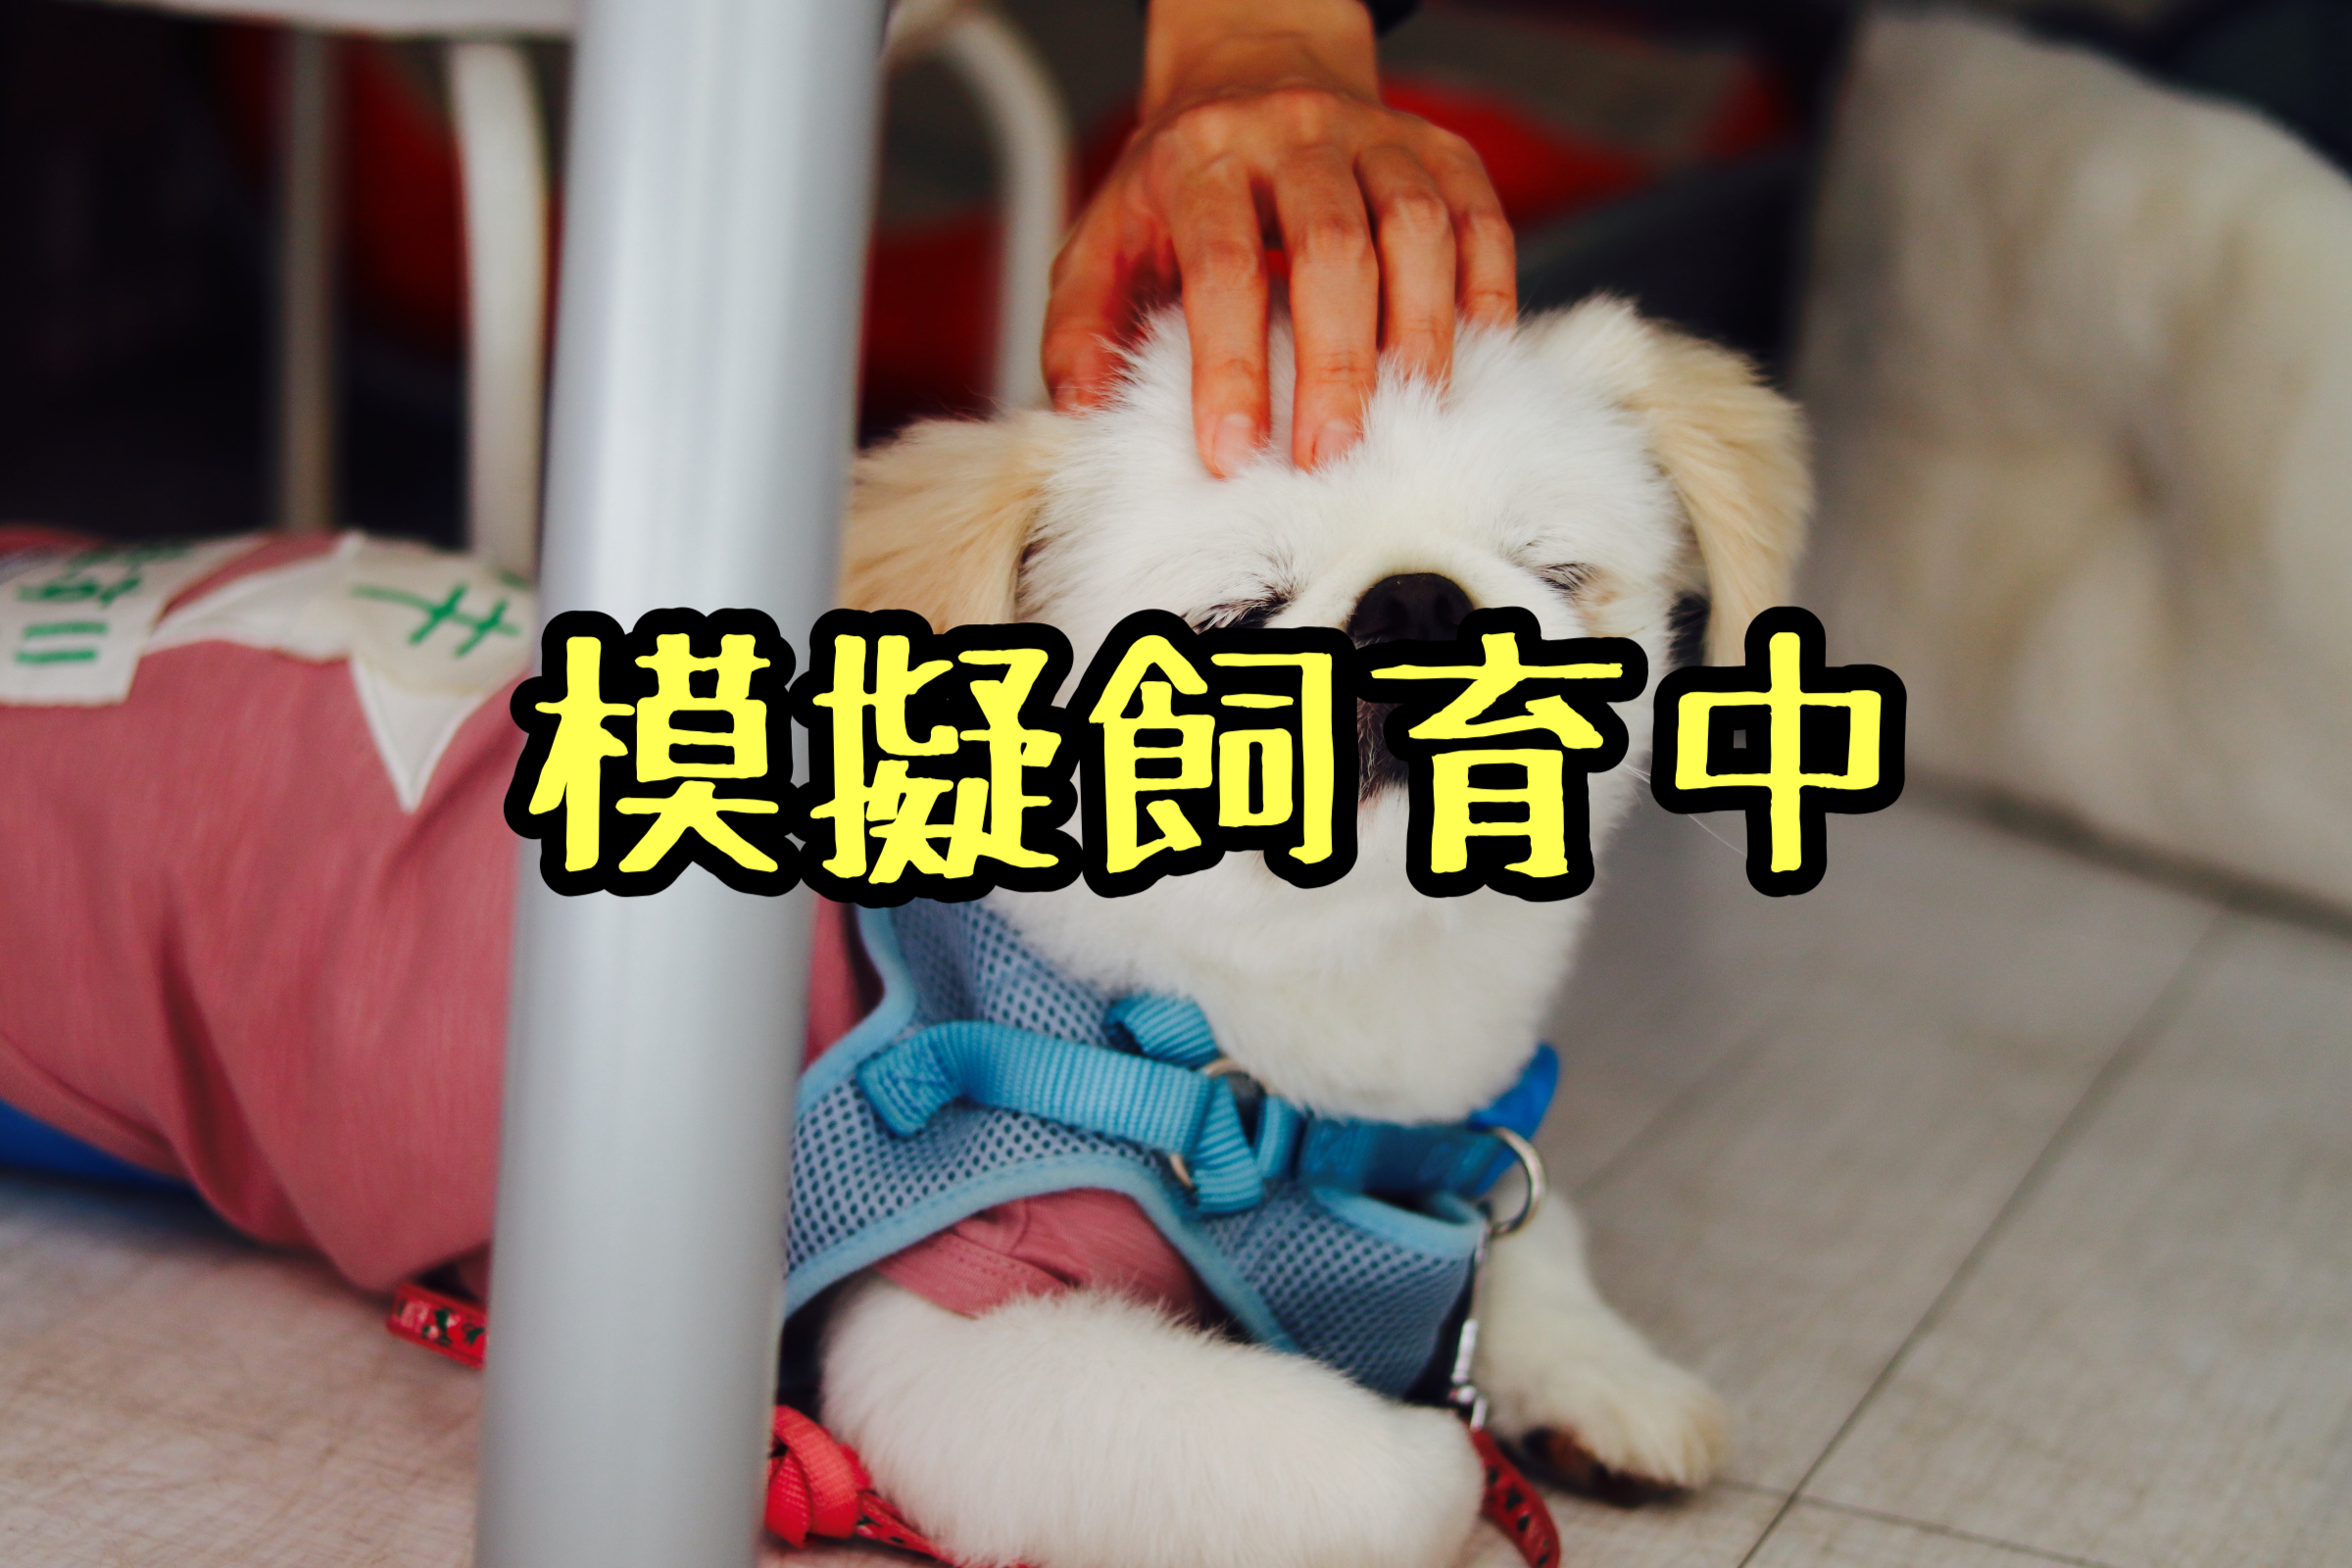 <ul> <li>犬種:ペキニーズ</li> <li>名前(性別):ペキ(男の子)</li> <li>年齢:2012年10月29日生まれ</li> <li>保護経緯:生まれた子どもに咬みつくため飼育困難</li> </ul>